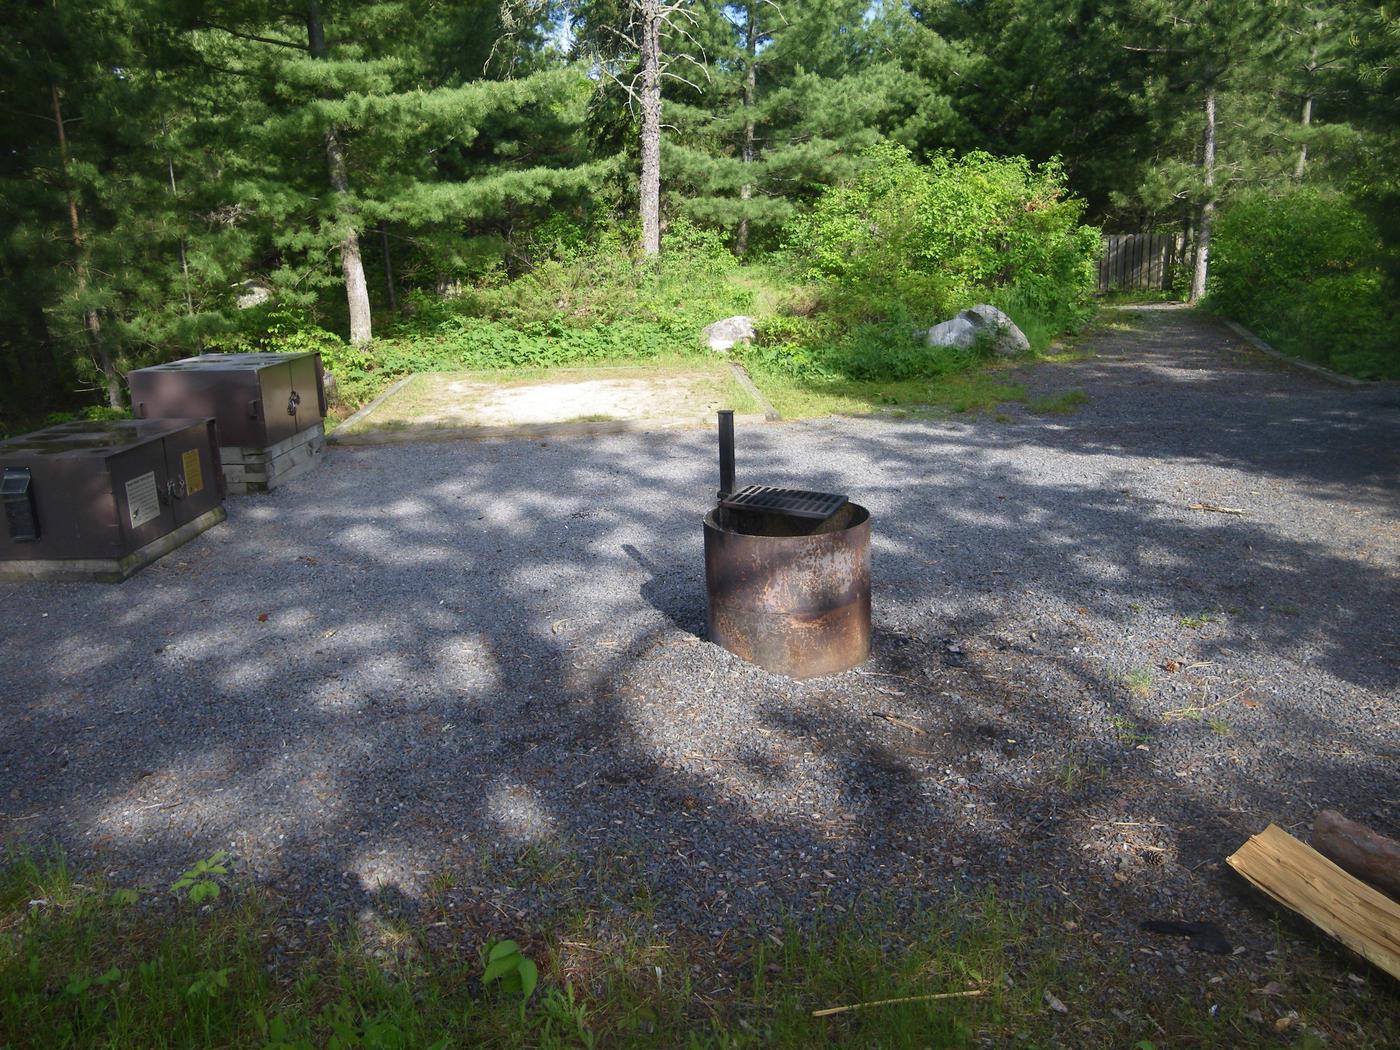 R26 - Sunrise PointView of campsite